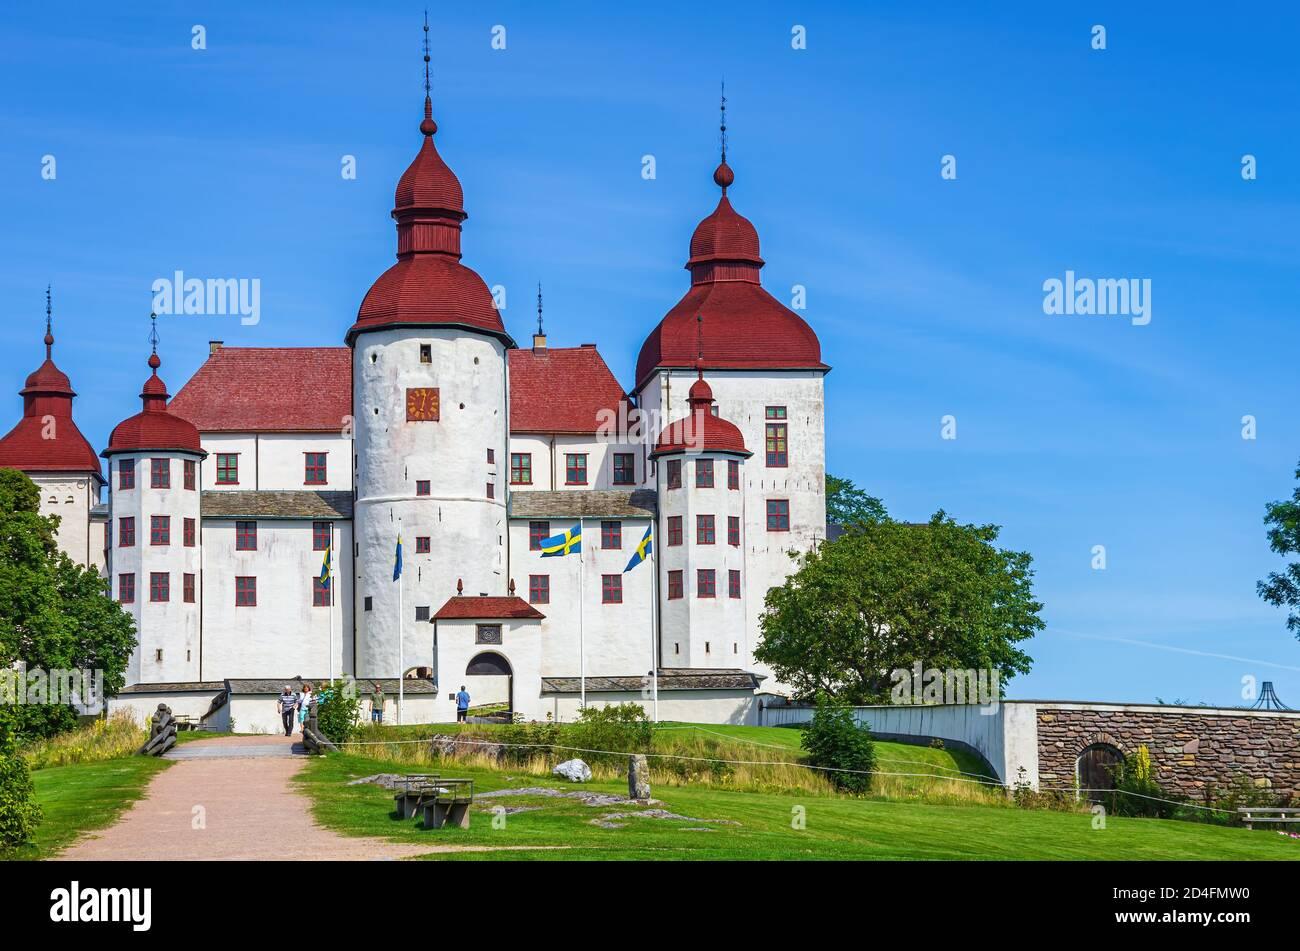 Lidköping, Suecia - 13 de agosto de 2015: Vista del castillo barroco de Läckö en Kållandsö en el lago Vänern en Västergötland, Suecia. Foto de stock